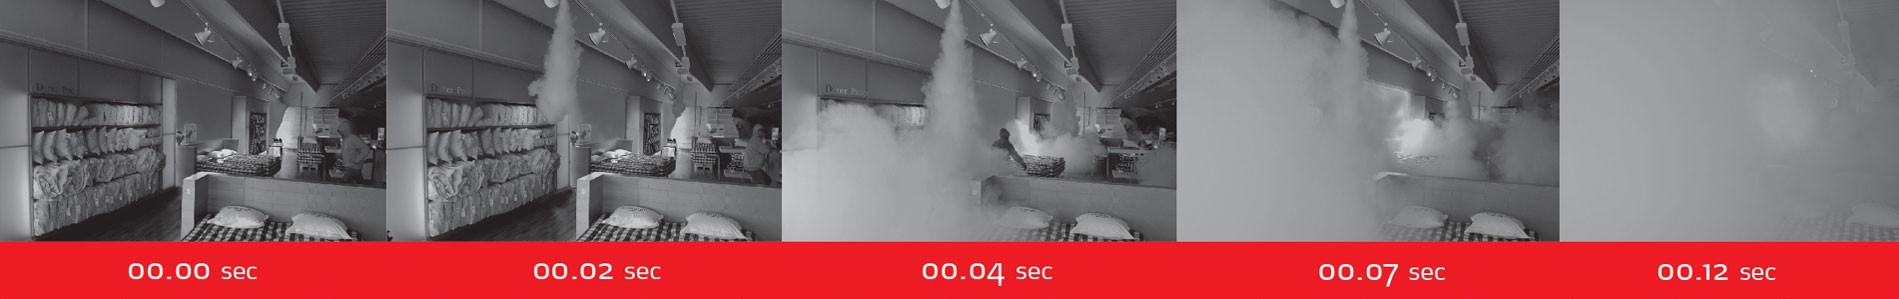 Mistgenerator in actie. De mistgenerator spuit de ruimte op 12 seconden vol met mist.